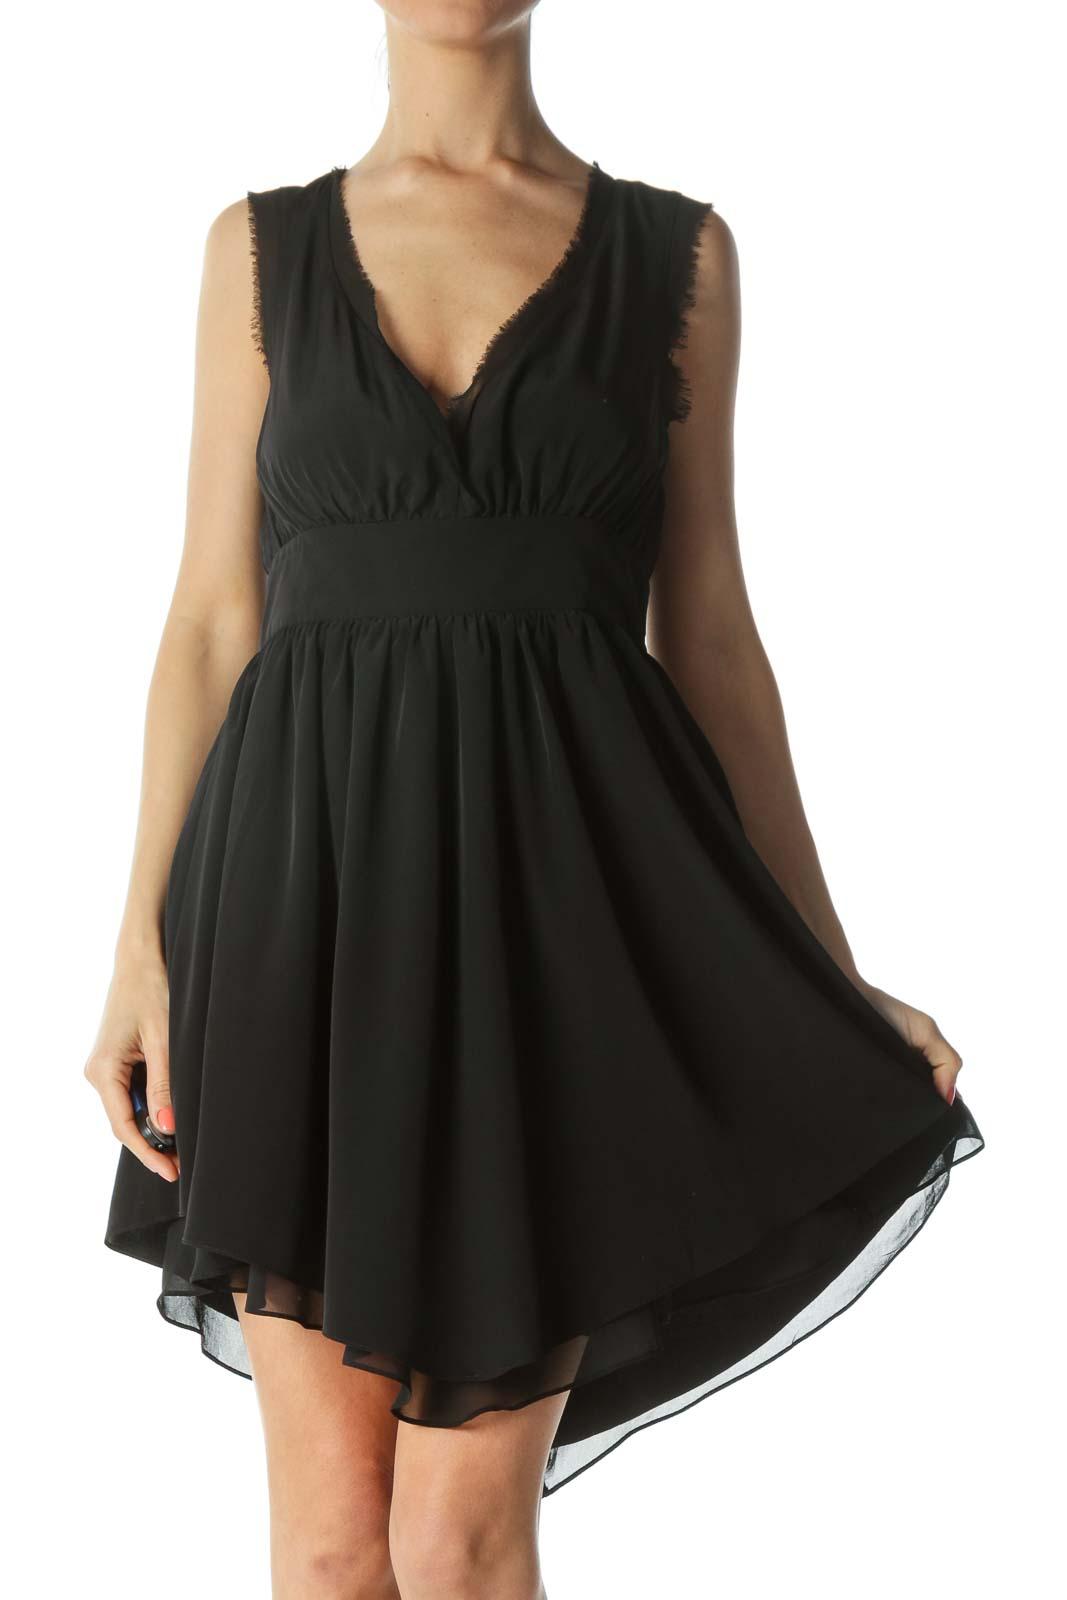 Black V-Neck Raw-Hem Cinched-Waist Flared Cocktail Dress Front